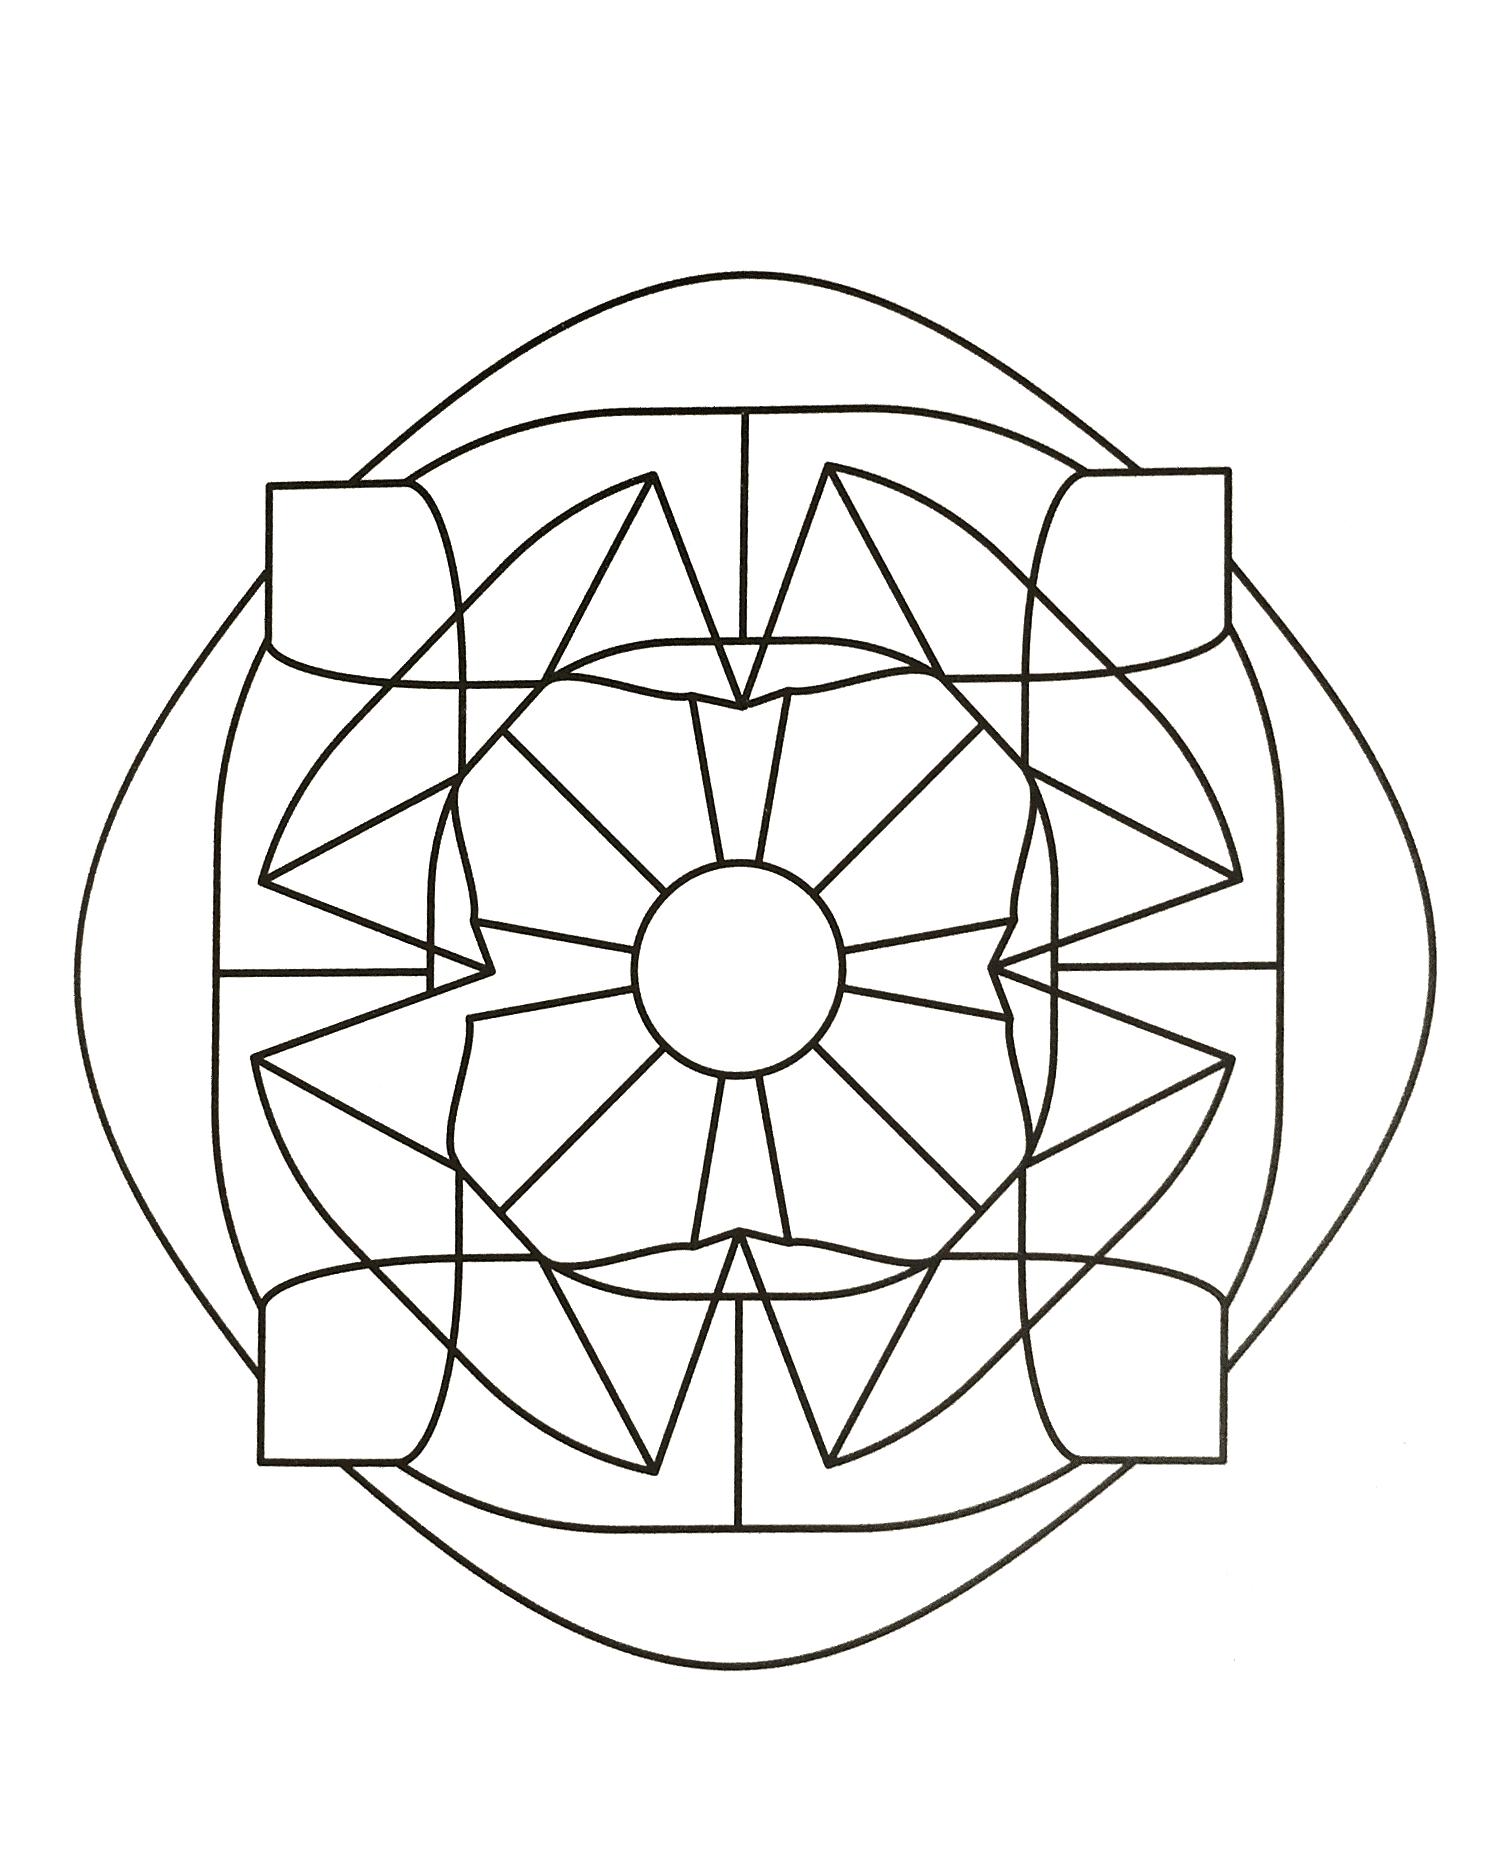 Mandalas A Imprimer Gratuit 43 - Mandalas De Difficulté intérieur Symétrie A Imprimer